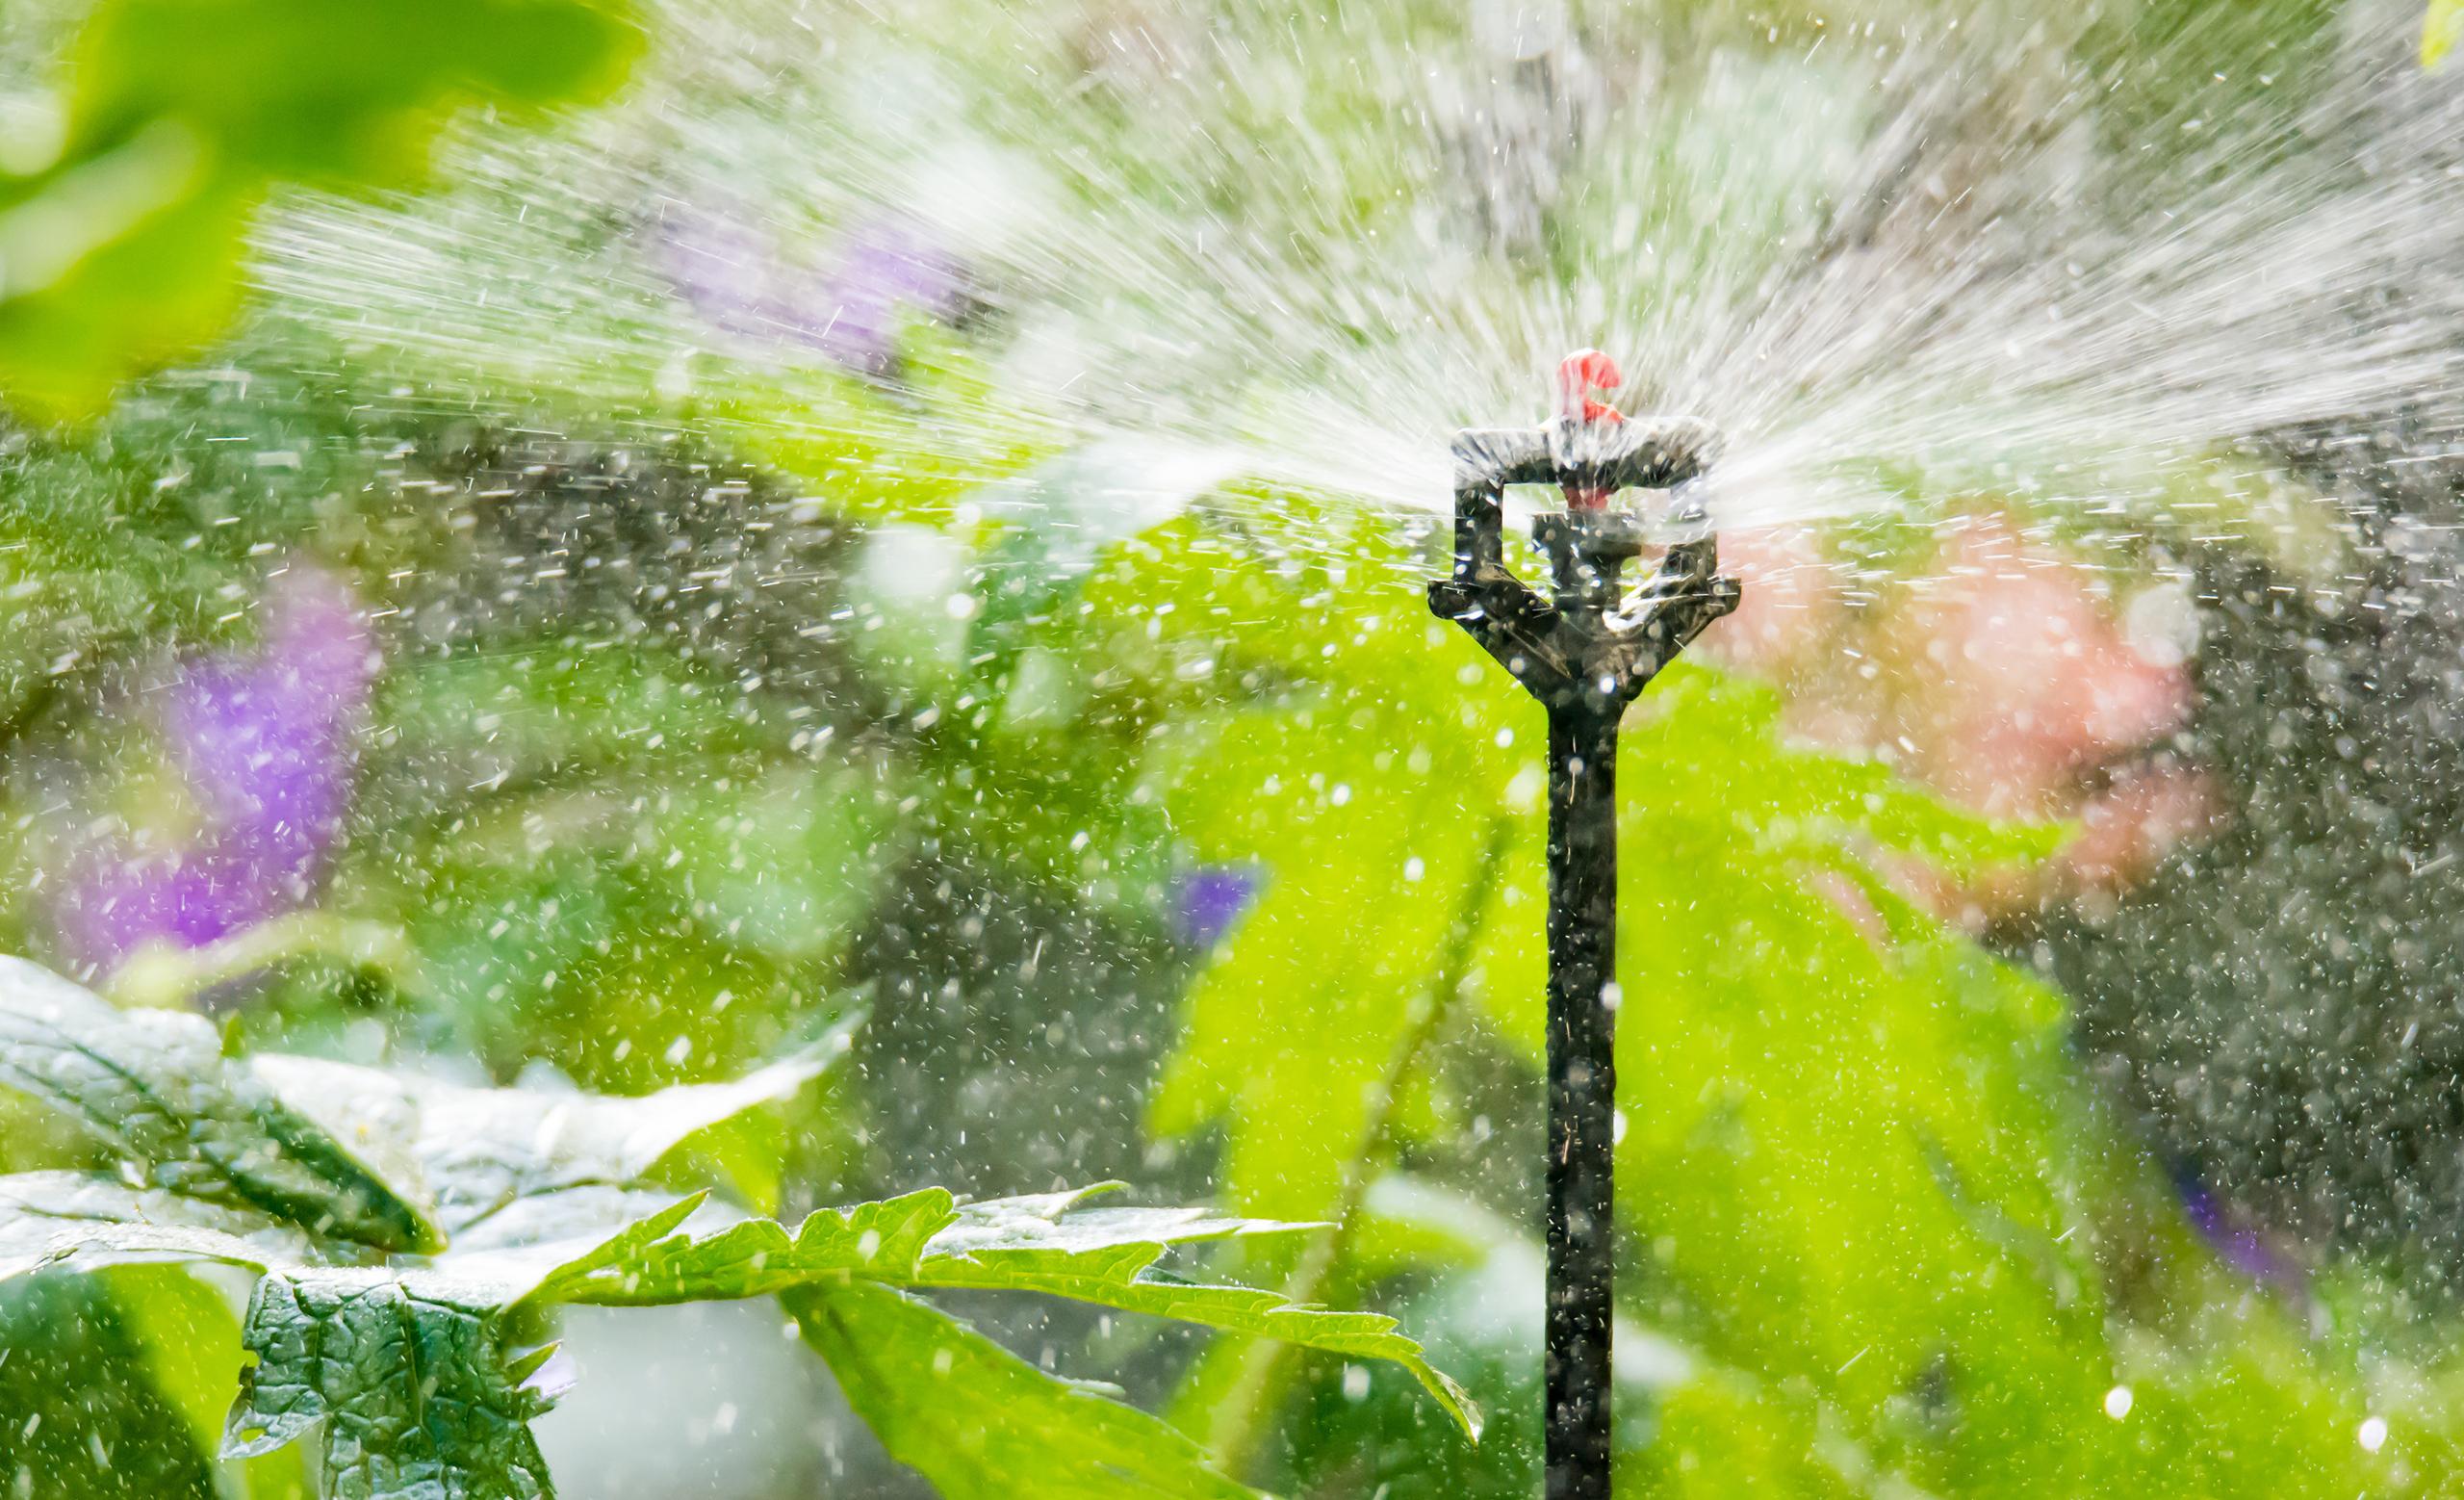 Automatische Bewässerung mit Rasensprenger oder Rasensprinkler